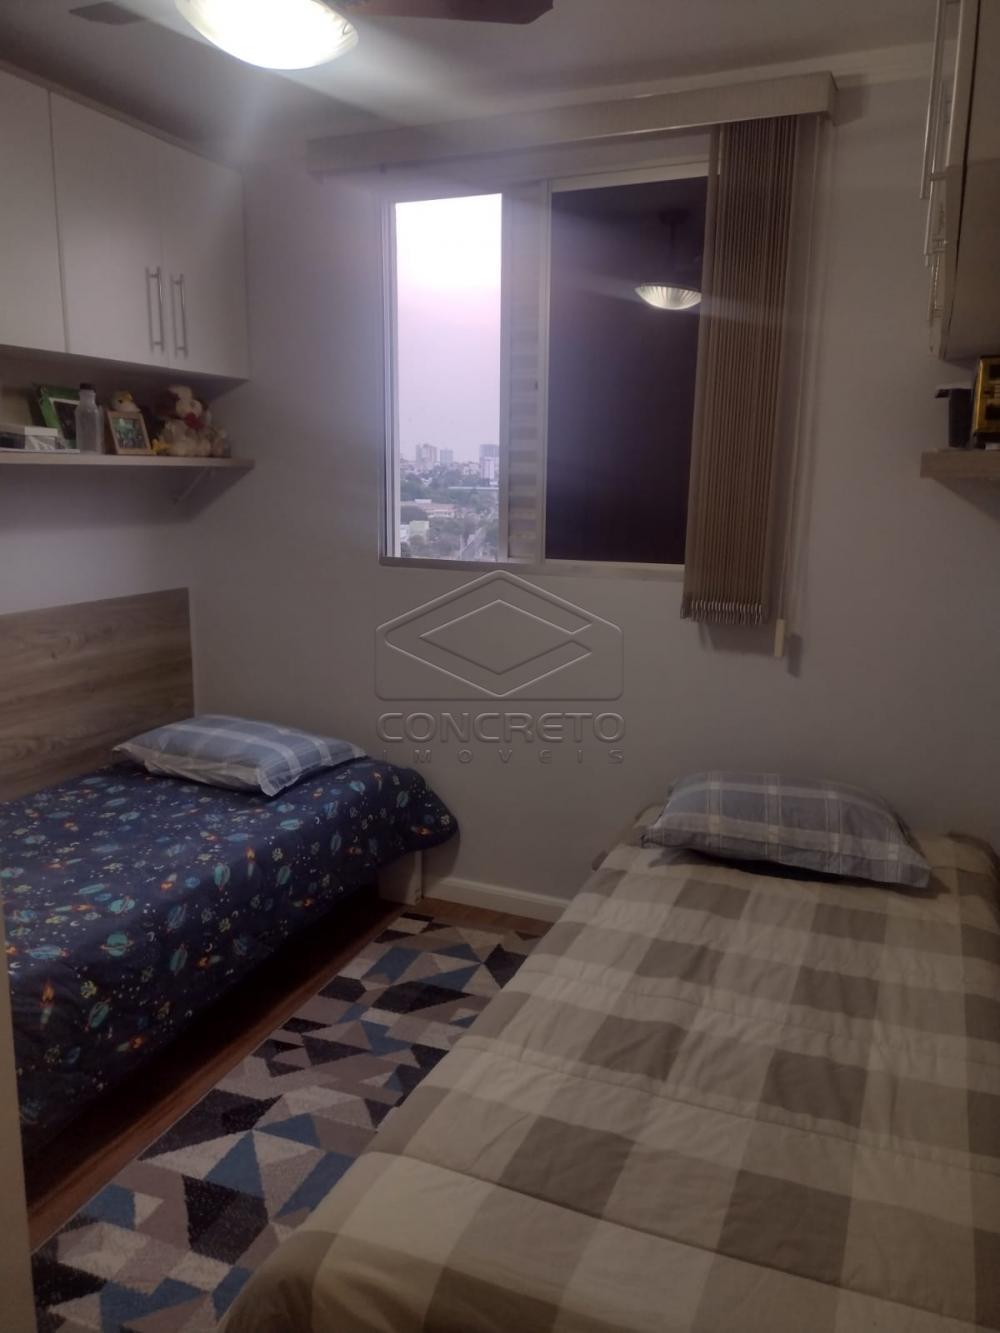 Comprar Apartamento / Padrão em Bauru R$ 450.000,00 - Foto 7